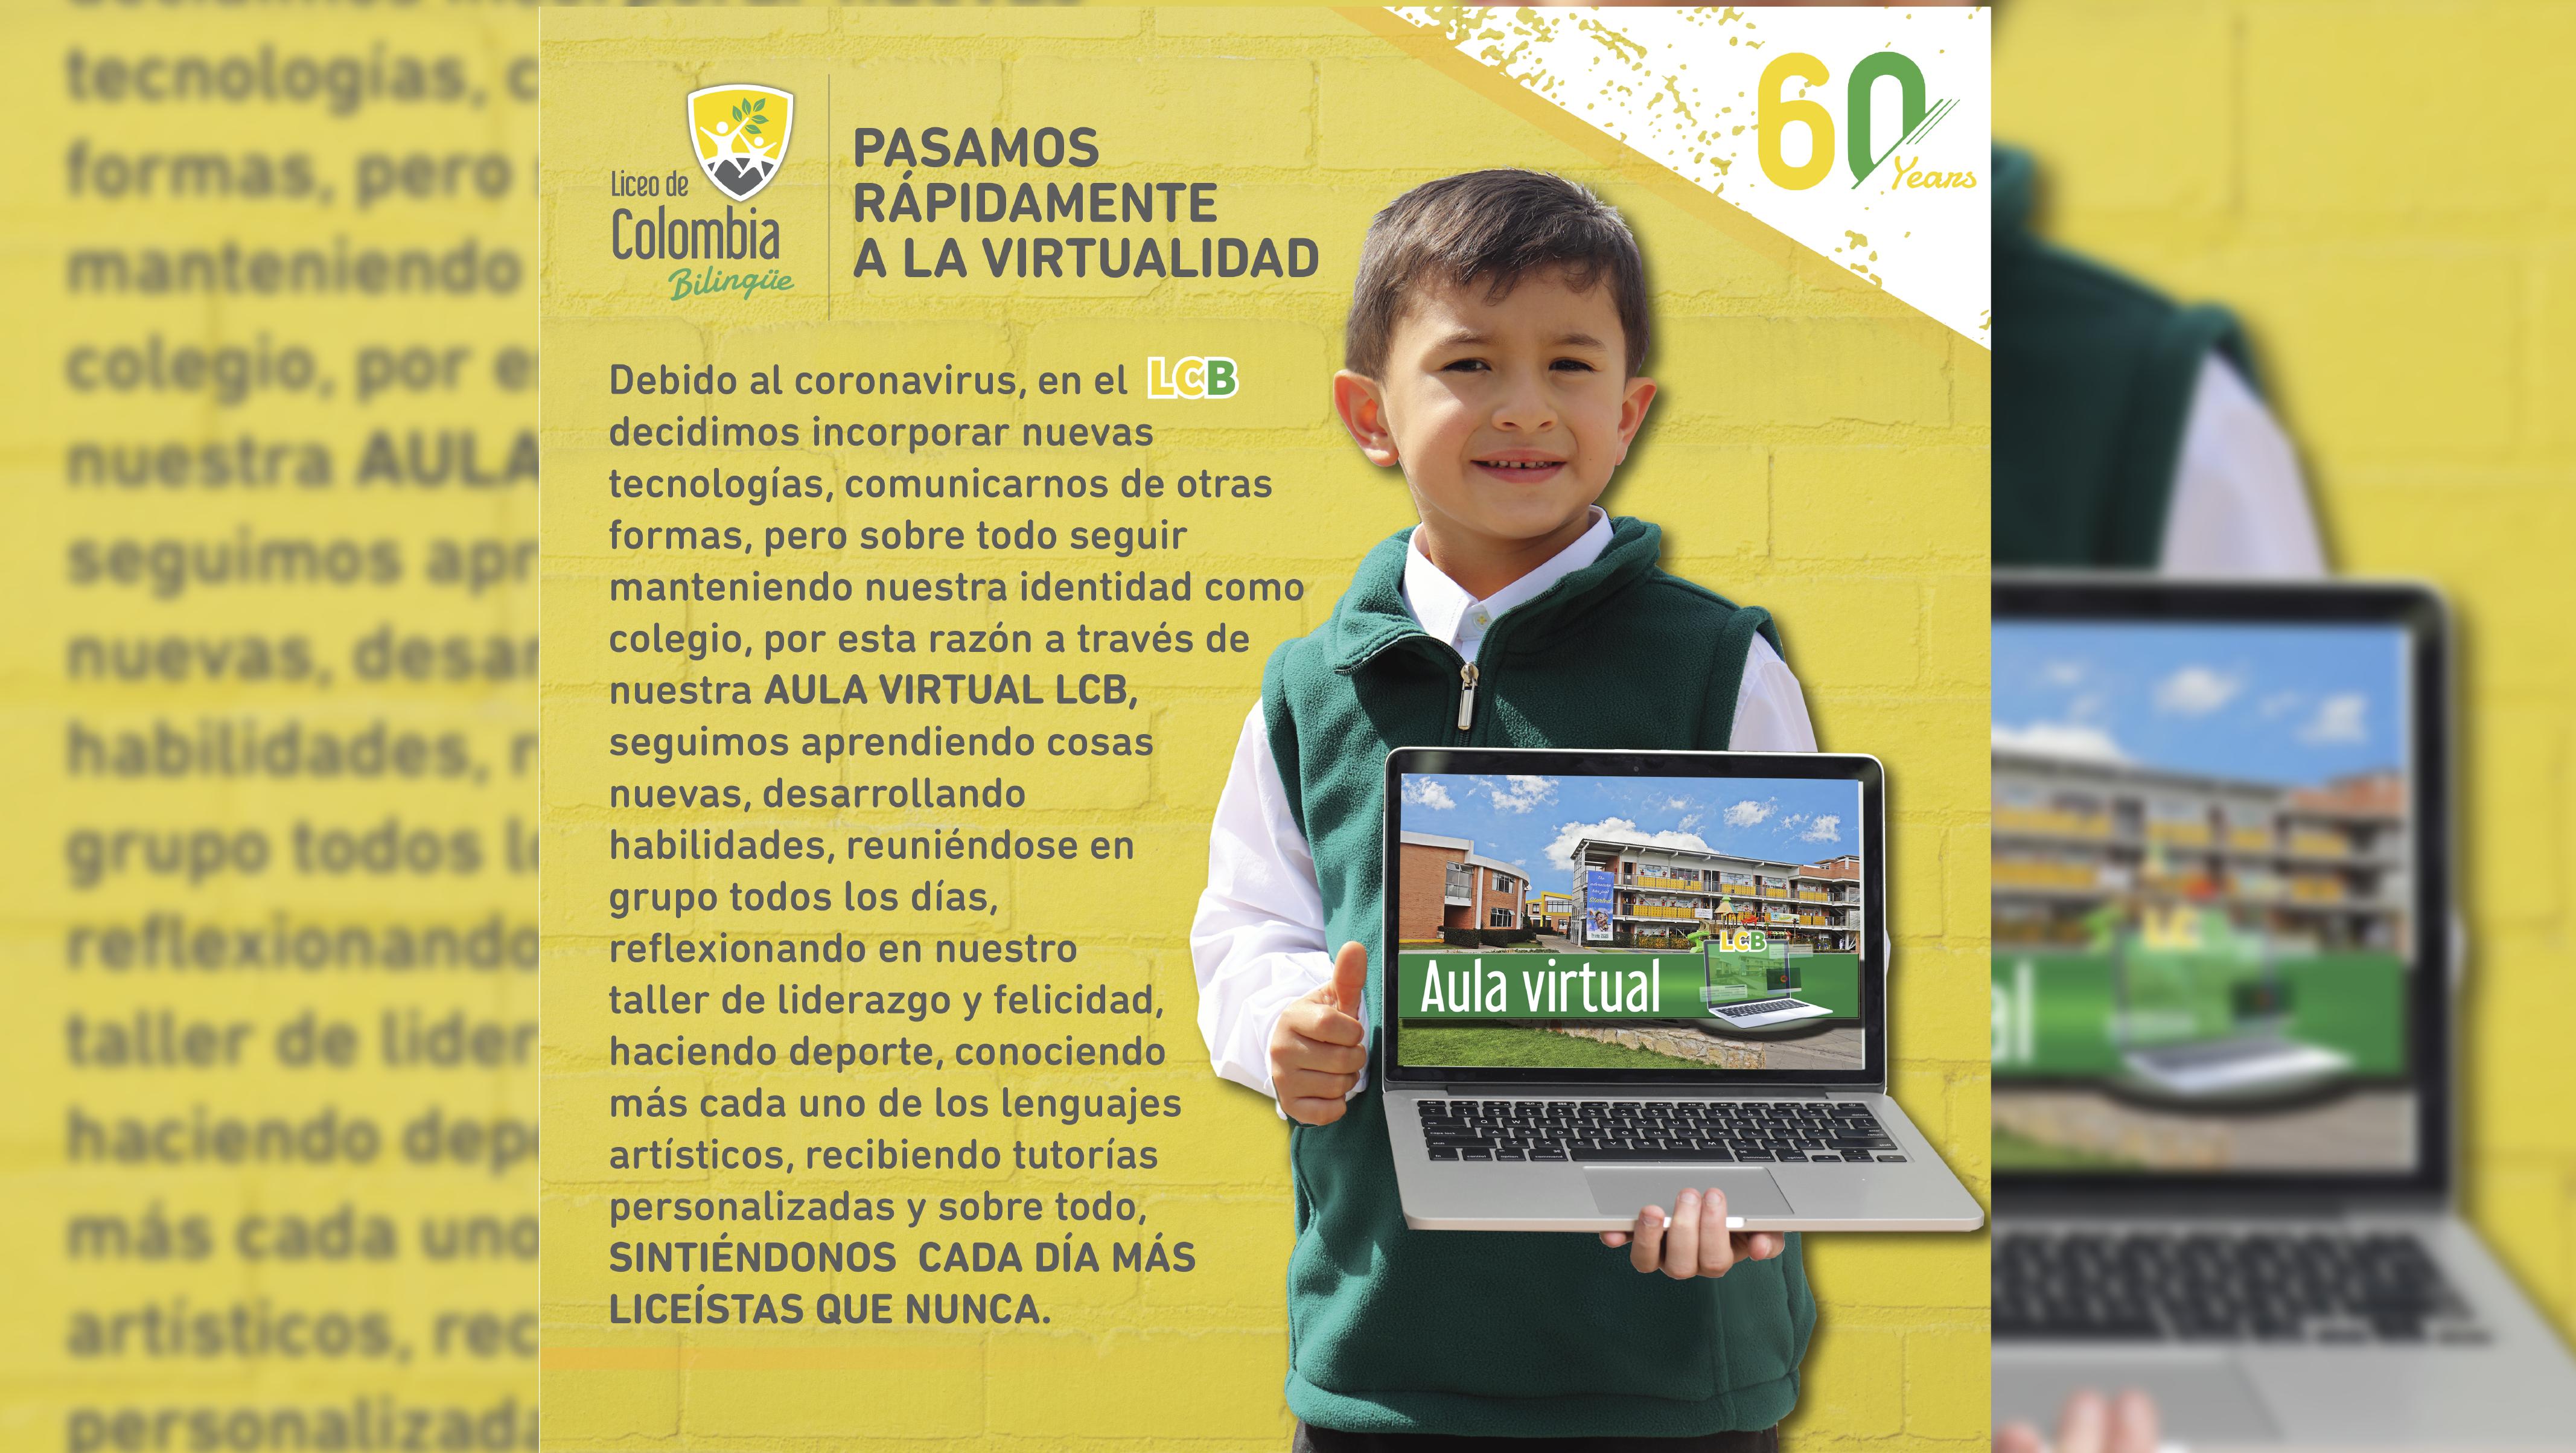 liceo-de-colombia-colegio-bogota-virtualizacion-01